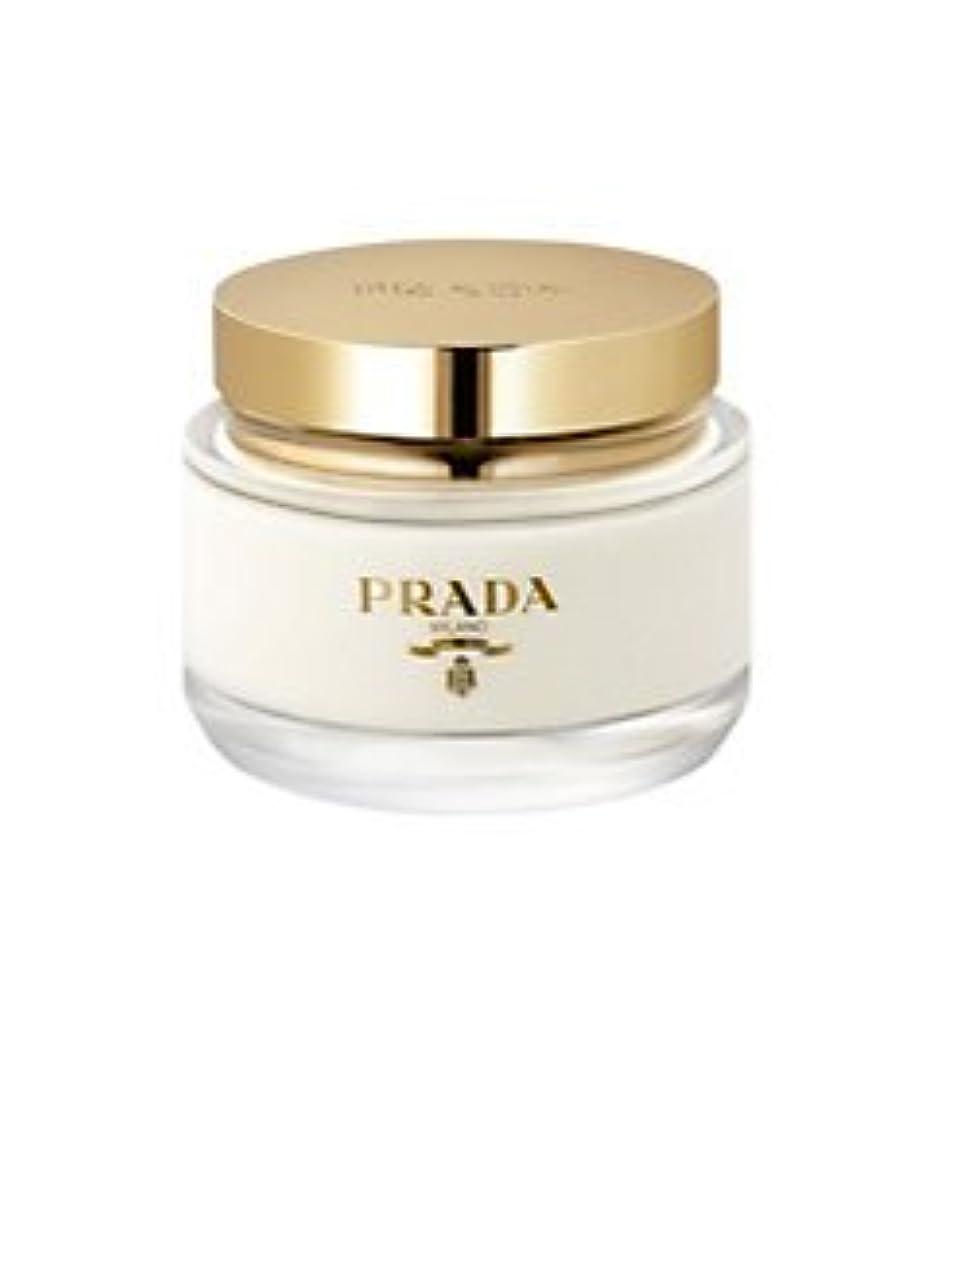 雨の獲物報復La Femme Prada (ラ フェム プラダ) 6.7 oz (200ml) Body Cream for Women